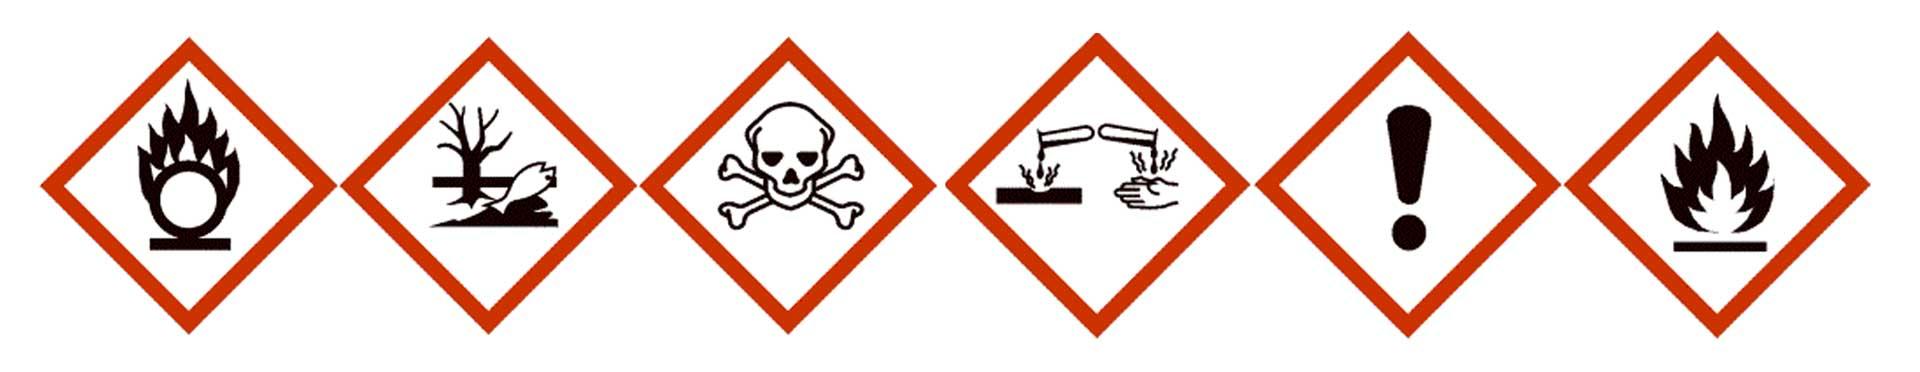 logos de productos químicos almacenados